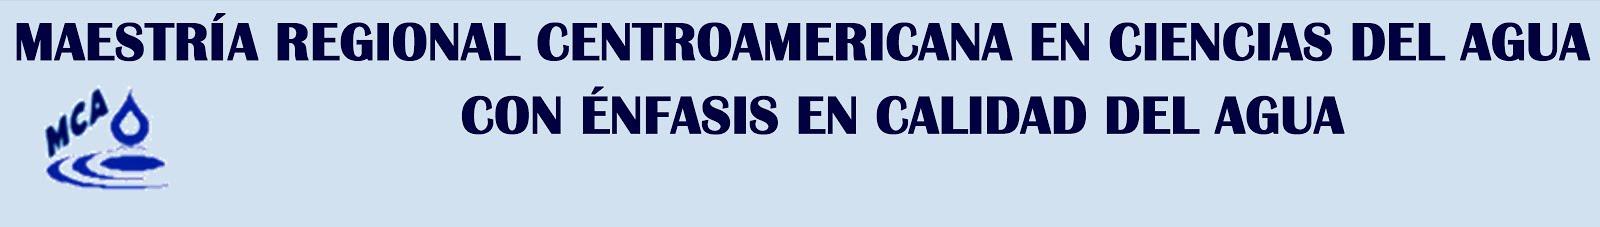 PROGRAMA DE MAESTRÍA EN CIENCIAS DEL AGUA CON ÉNFASIS EN CALIDAD DEL AGUA